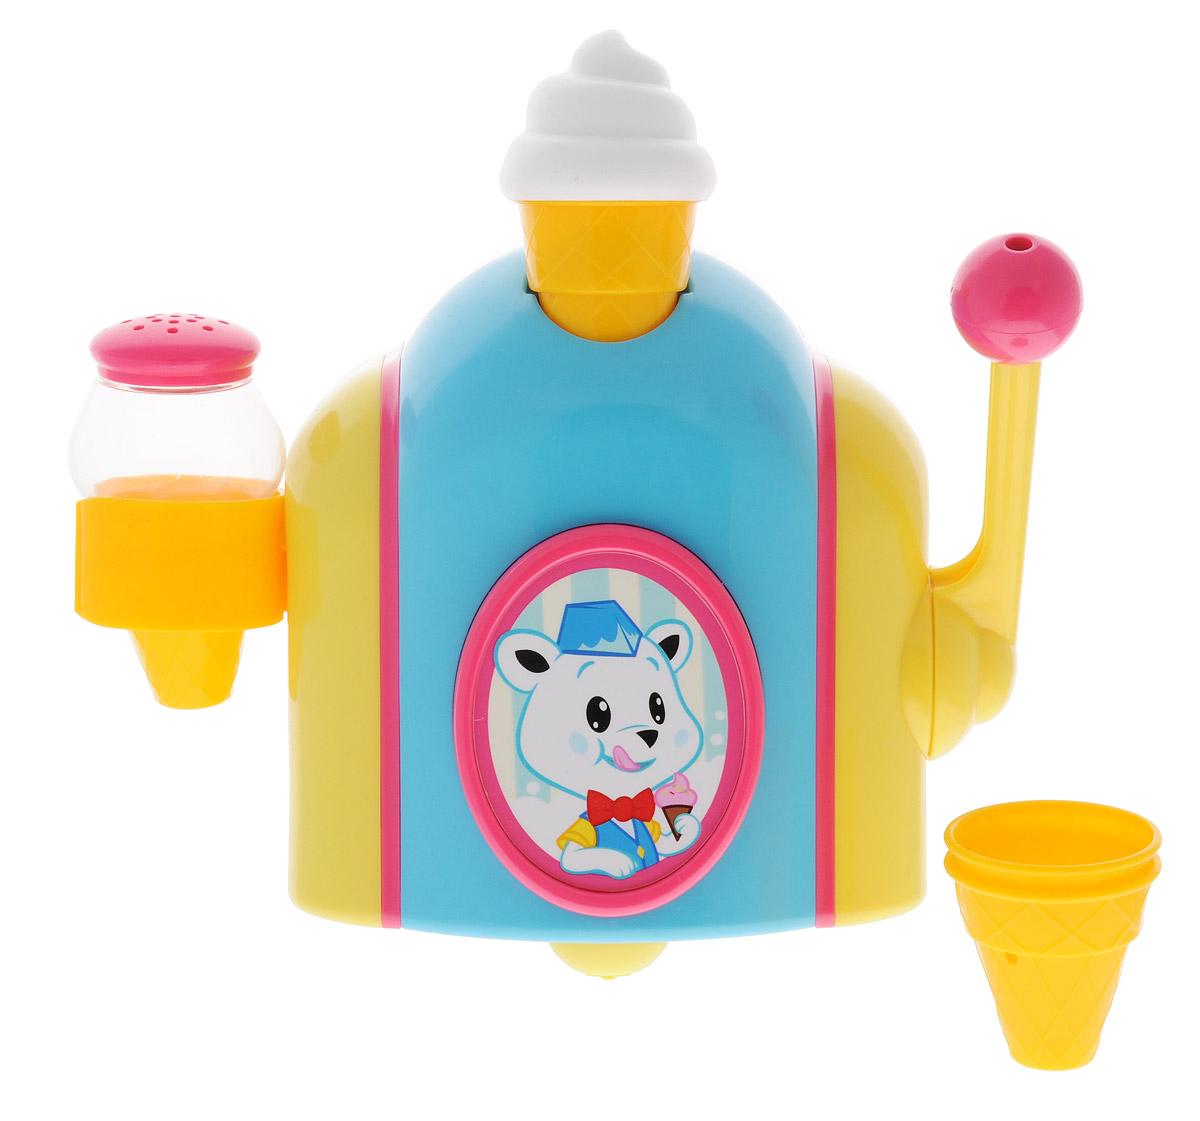 Tomy Игрушка для ванной Фабрика пеныE72378Игрушка для ванной Tomy Фабрика пены поможет в игровой увлекательной форме приучить вашего малыша к водным процедурам! В комплект входят: автомат для мороженого, 3 стаканчика, шейкер-солонка. Чтобы начать игру, малышу нужно налить пену для ванны или гель для душа в стаканчик, расположенный наверху автомата для мороженого. Затем нужно подставить стаканчик под отверстие внизу волшебного автомата и опустить рычажок вниз-формочка наполнится пушистой белой пеной, так похожей на шапку мороженого. Малыш сможет украсить свой десерт, наполнив шейкер пеной для ванны и посыпав ею лакомство. С фабрикой пены малыш может запустить производство мороженого!